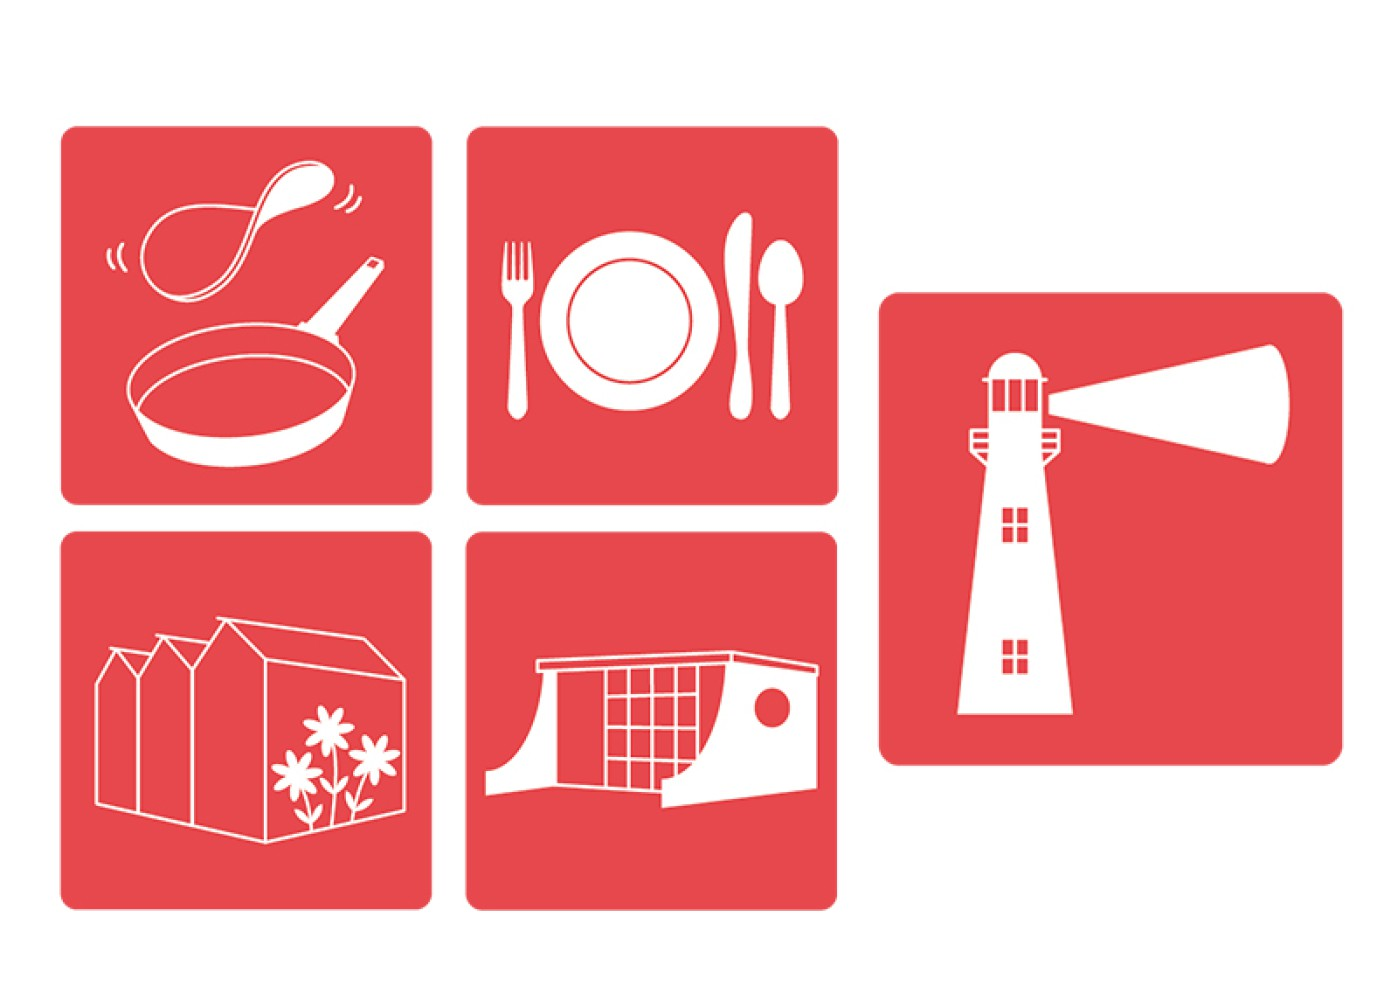 Het huisstijlpakket bevat twee verschillende logo's (Badzande en Vlugtenburg), briefpapier, enveloppen en visitekaartjes.